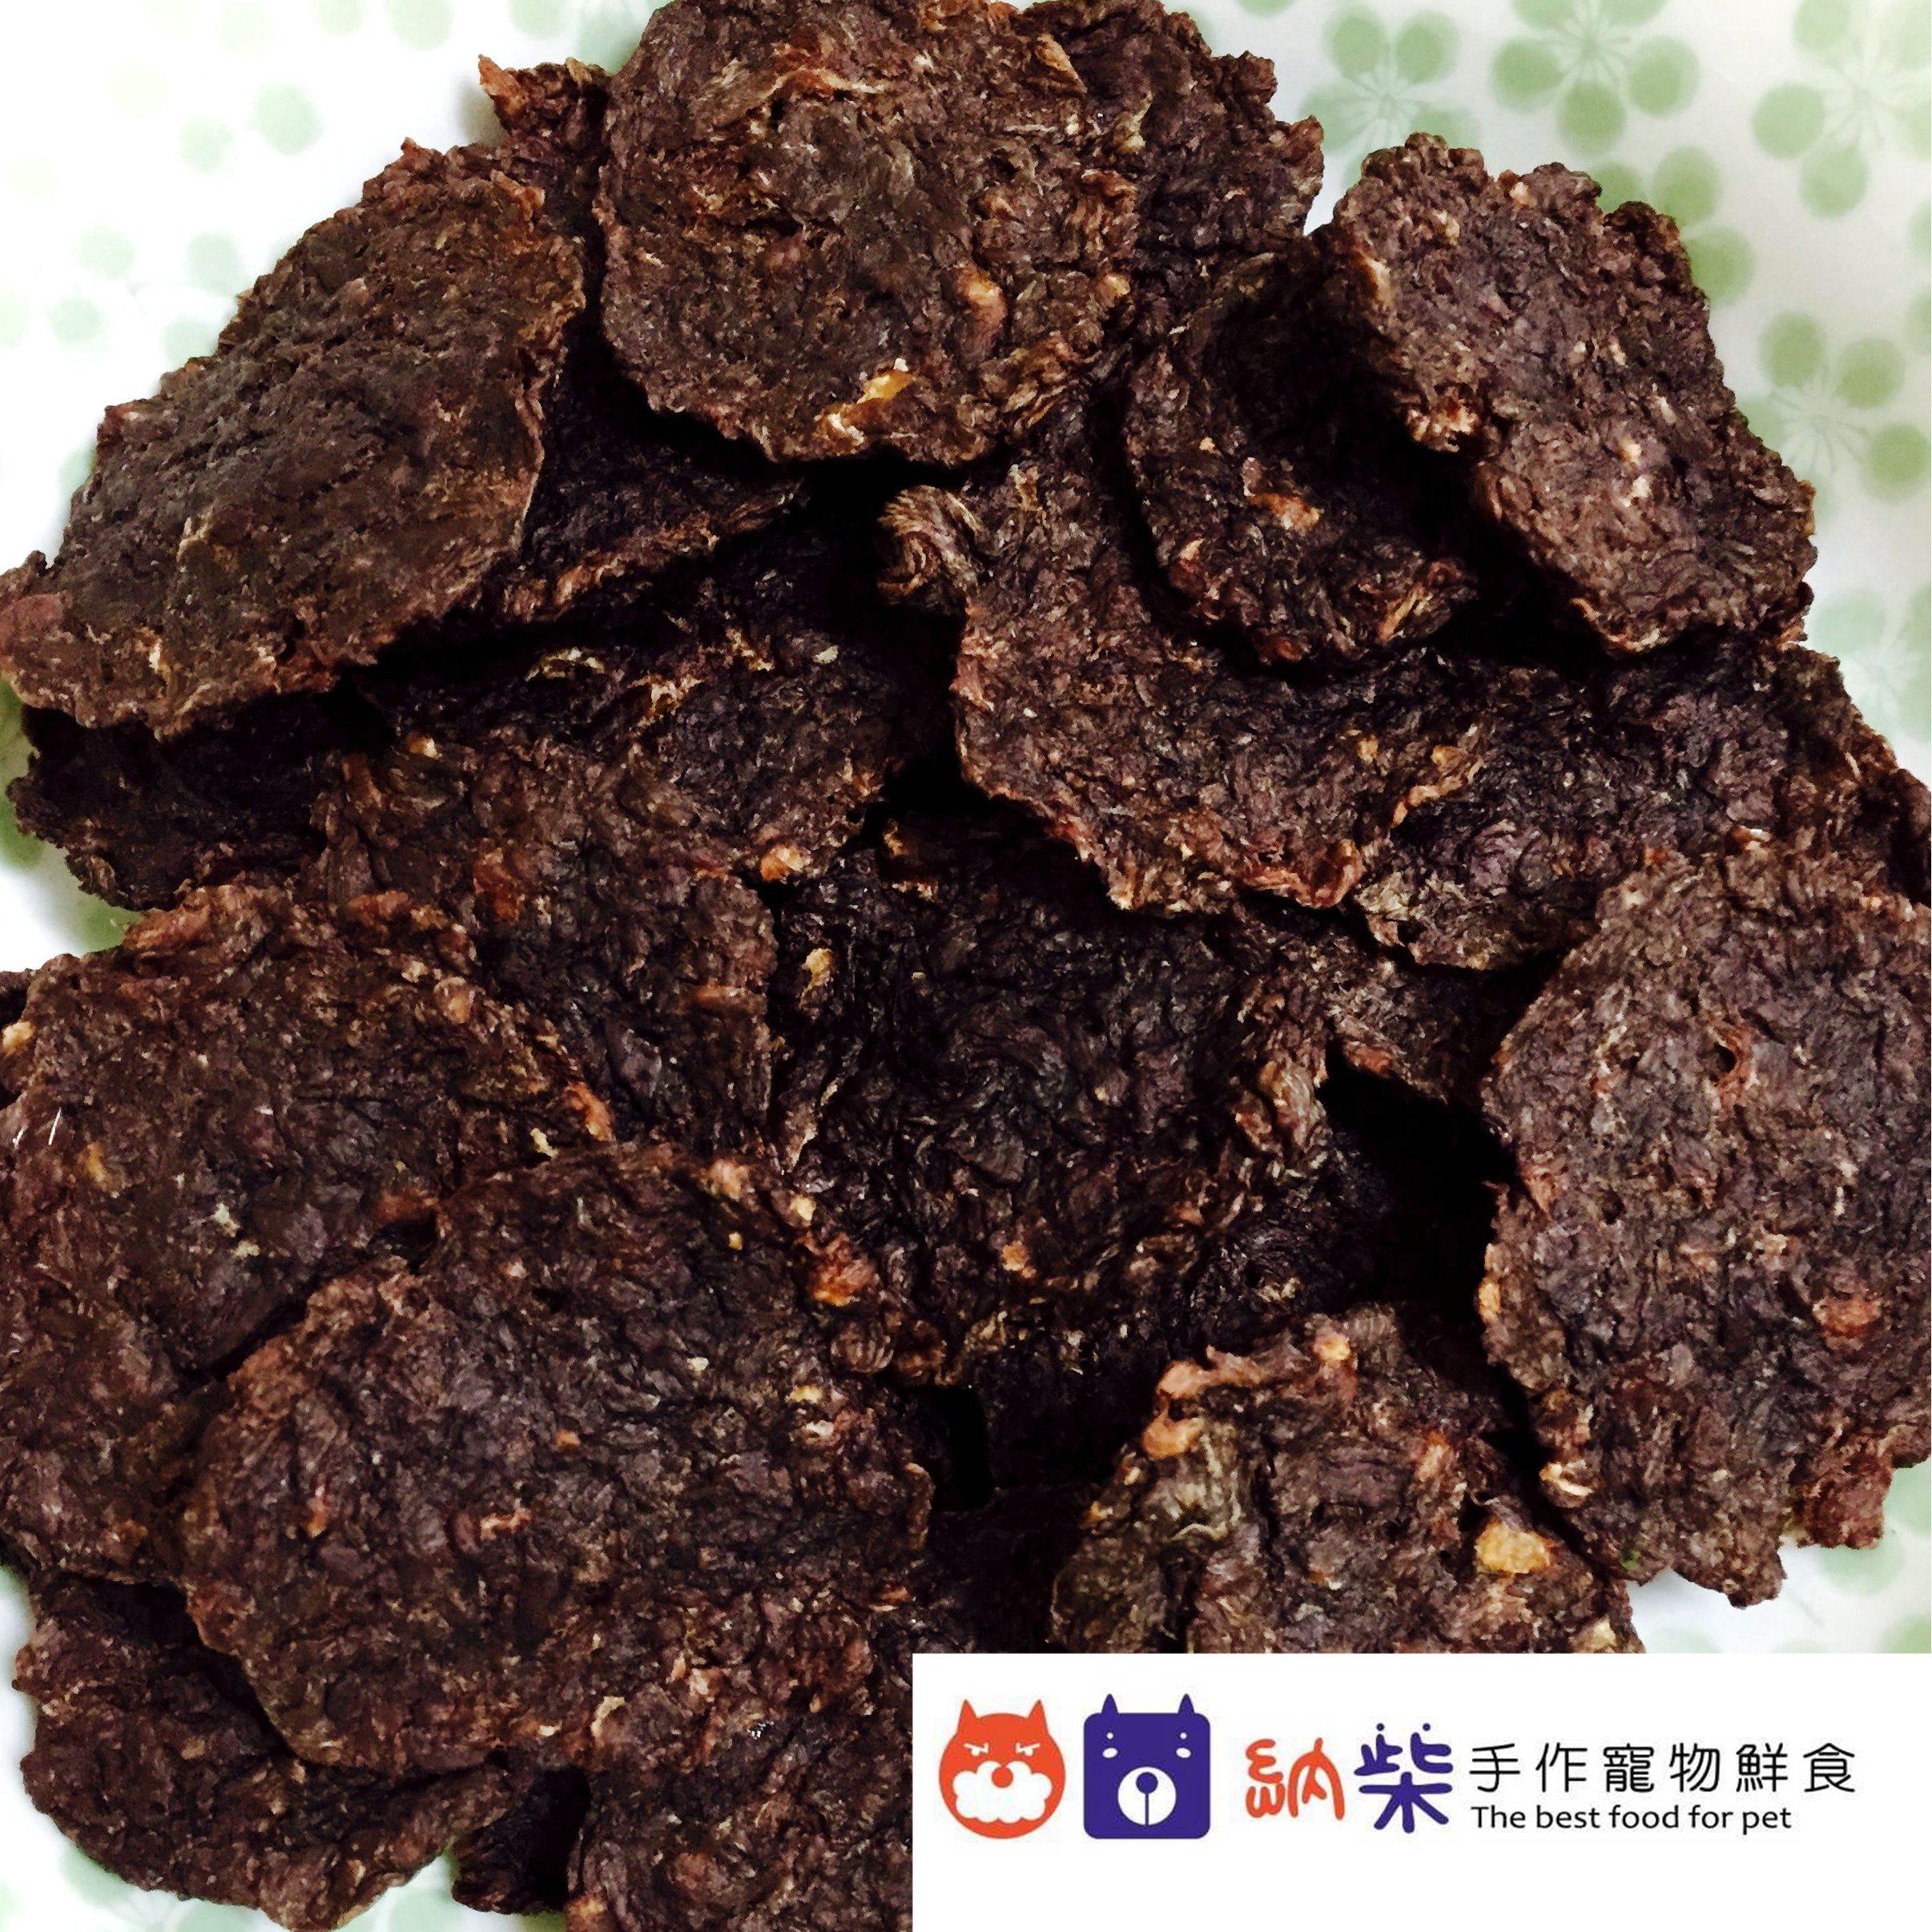 納柴手作寵物鮮食 - 牛肉小圓片 50g